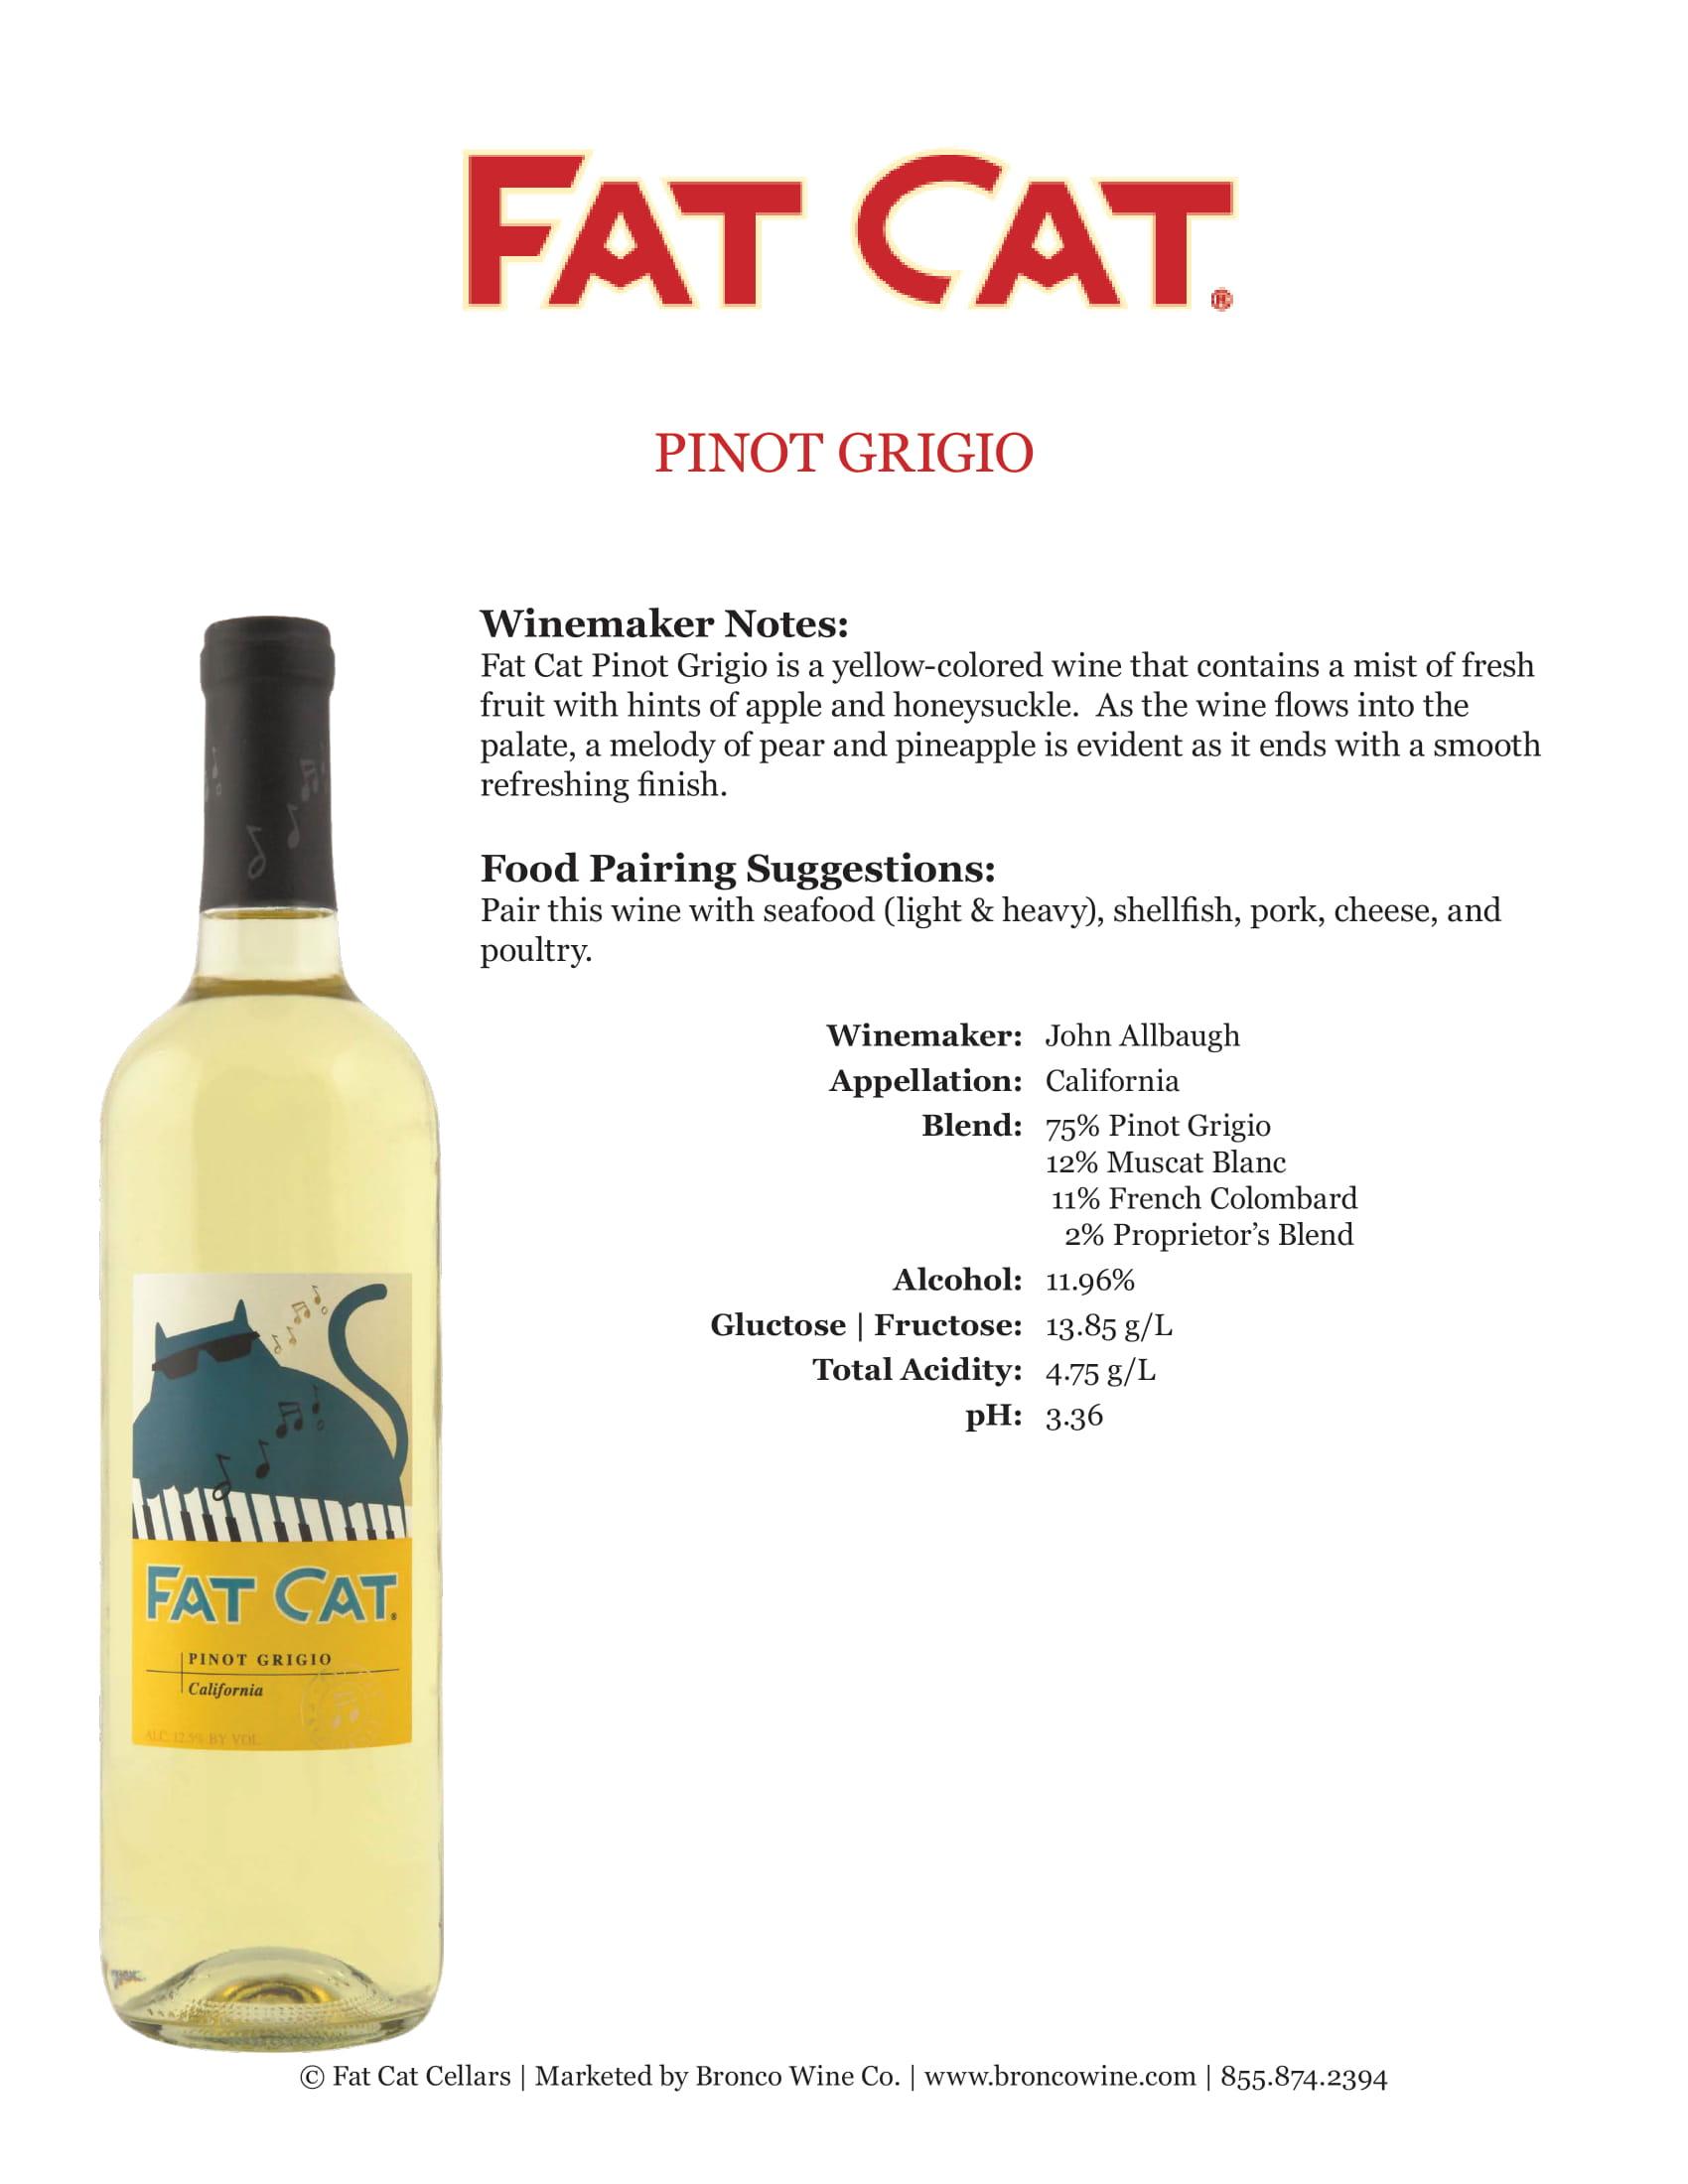 Fat Cat Pinot Grigio Tech Sheet